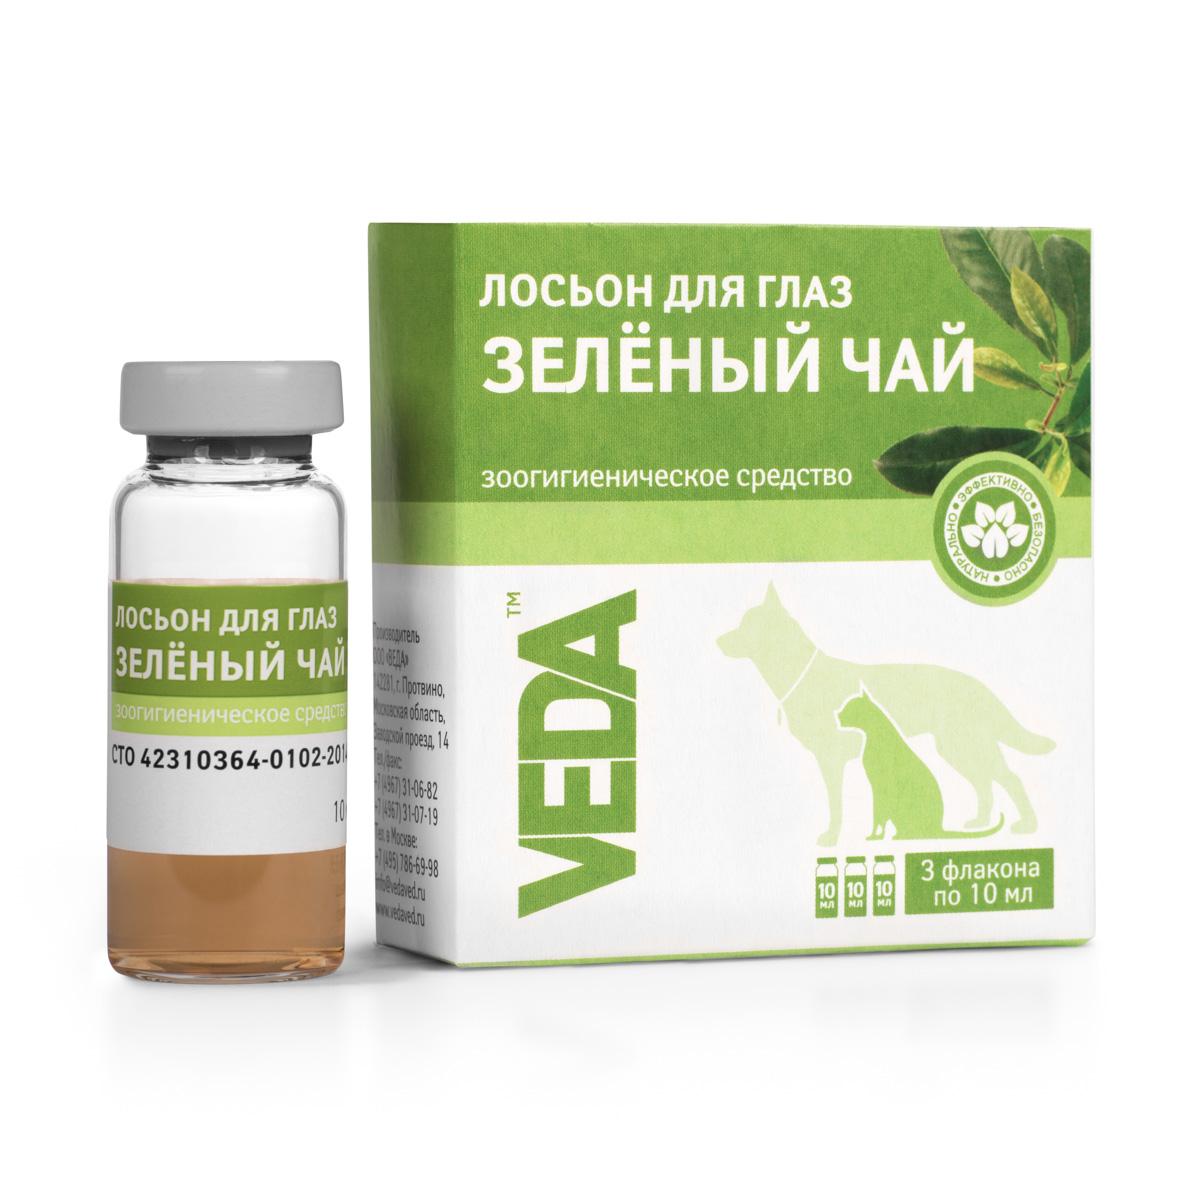 Лосьон для глаз VEDA Фитогигиена. Зеленый чай, для кошек и собак, 3 шт х 10 мл12171996Лосьон для глаз VEDA Фитогигиена. Зеленый чай применяют для гигиенической обработки глаз собак, кошек и других мелких домашних животных при предрасположенности слизистых к воспалениям, раздражениям, сухости. Лосьон является отваром листьев зелёного чая, обладающего антибактериальными, смягчающими и вяжущими свойствами. Очищает от выделений, снимает отёки и красноту глаз.Подходит для частого применения.Состав: вода очищенная; извлечение из растительного сырья, соответствующее названию лосьона: листьев зеленого чая.Товар сертифицирован.